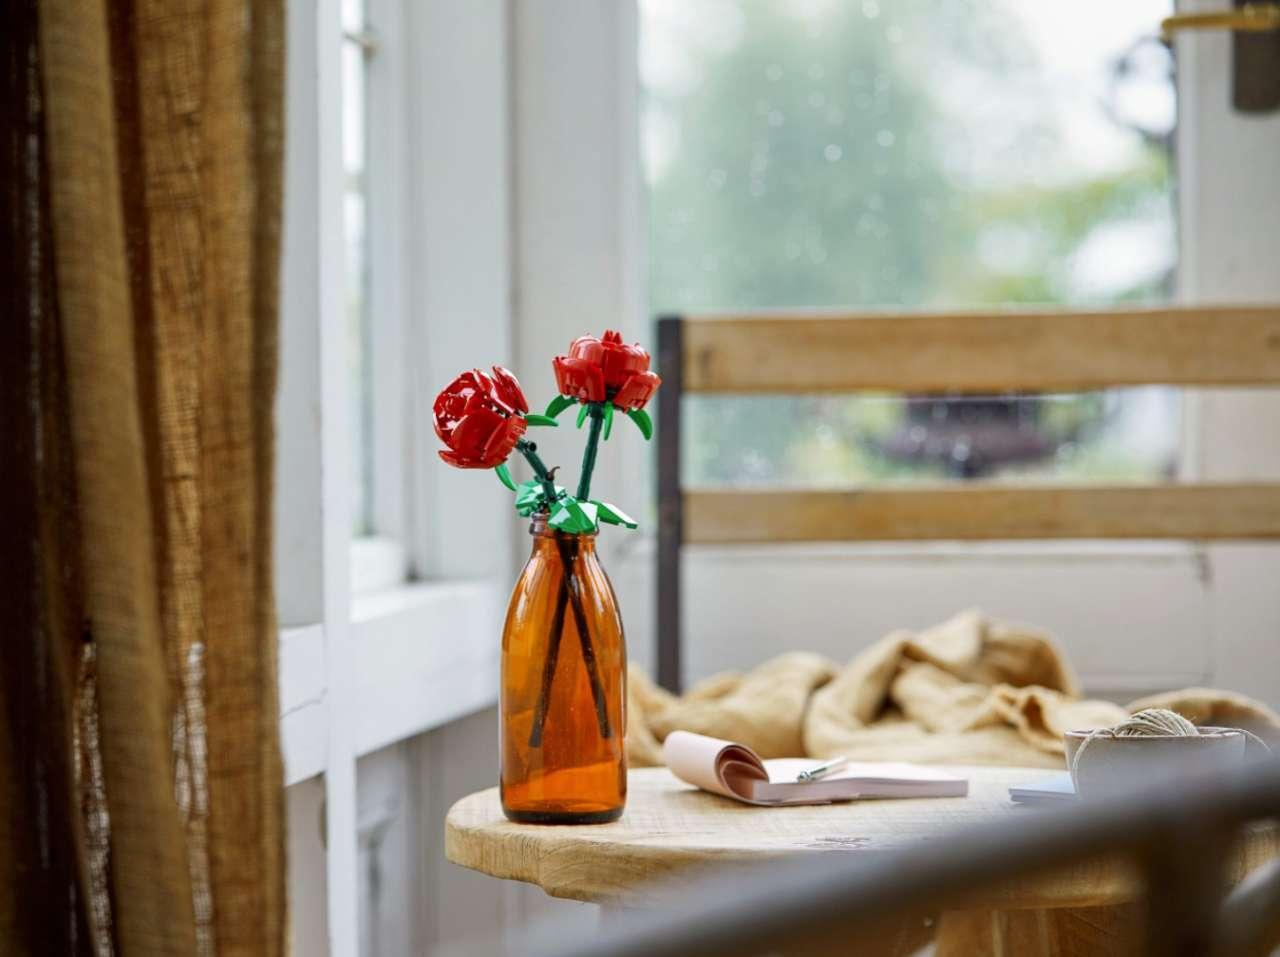 lego-roses